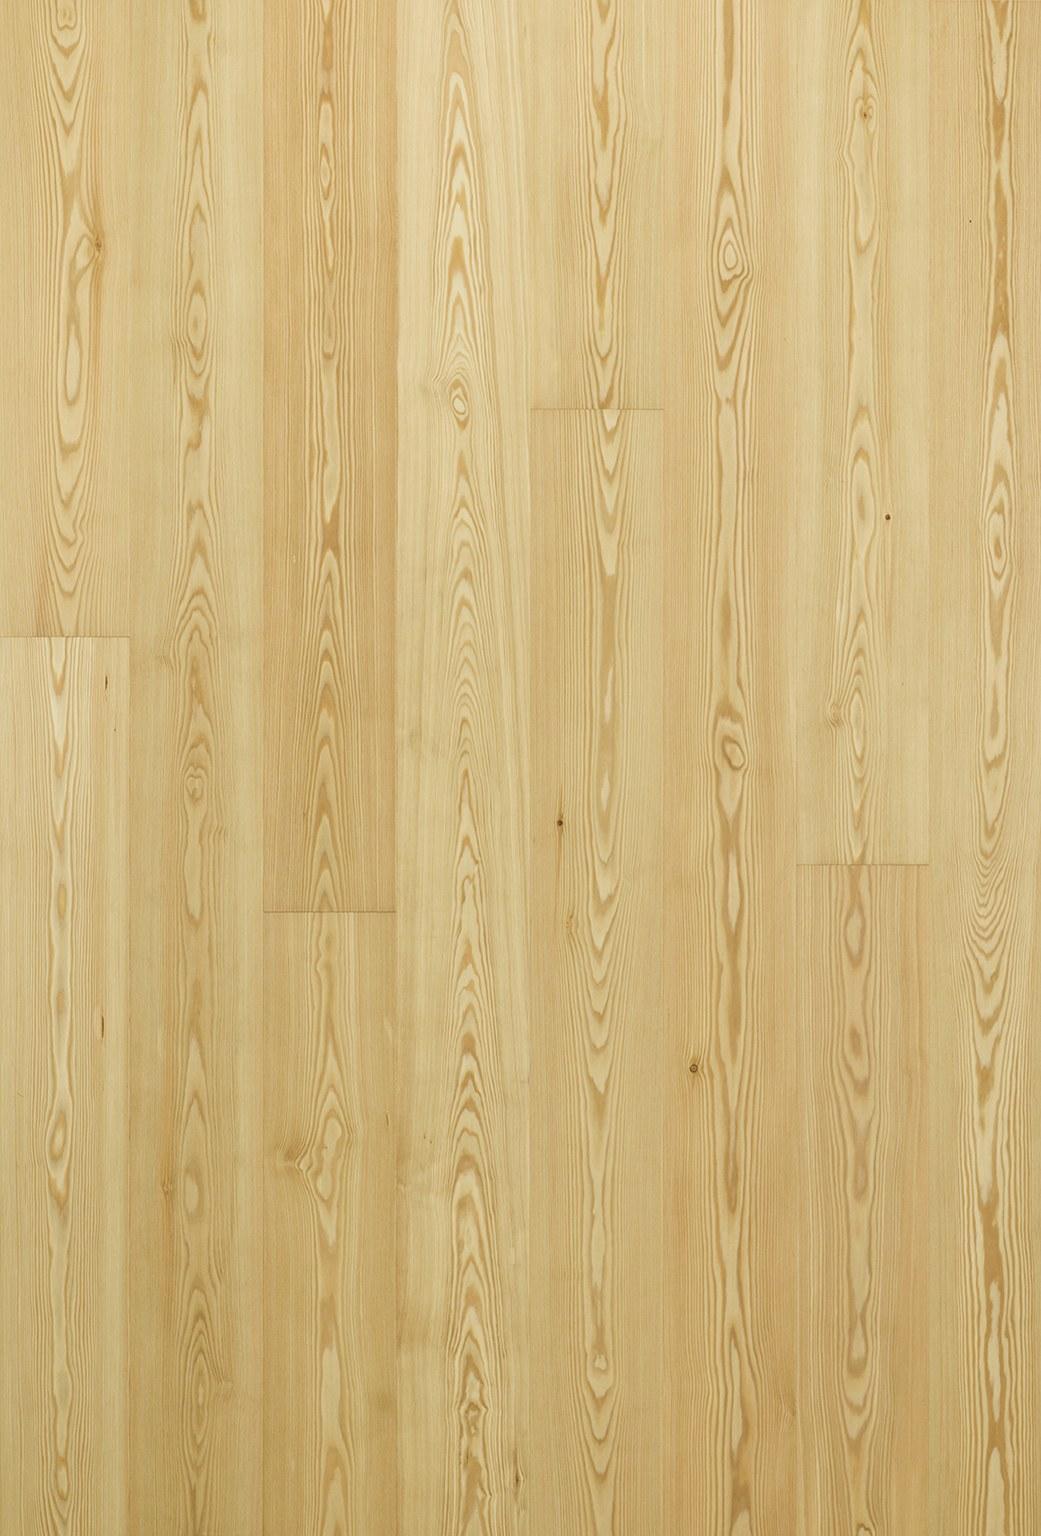 Timberwise Parketti Lankkuparketti Puulattia Wooden Floor Parquet Plank Lehtikuusi Select Öljyvahattu Wax Oiled 2D1